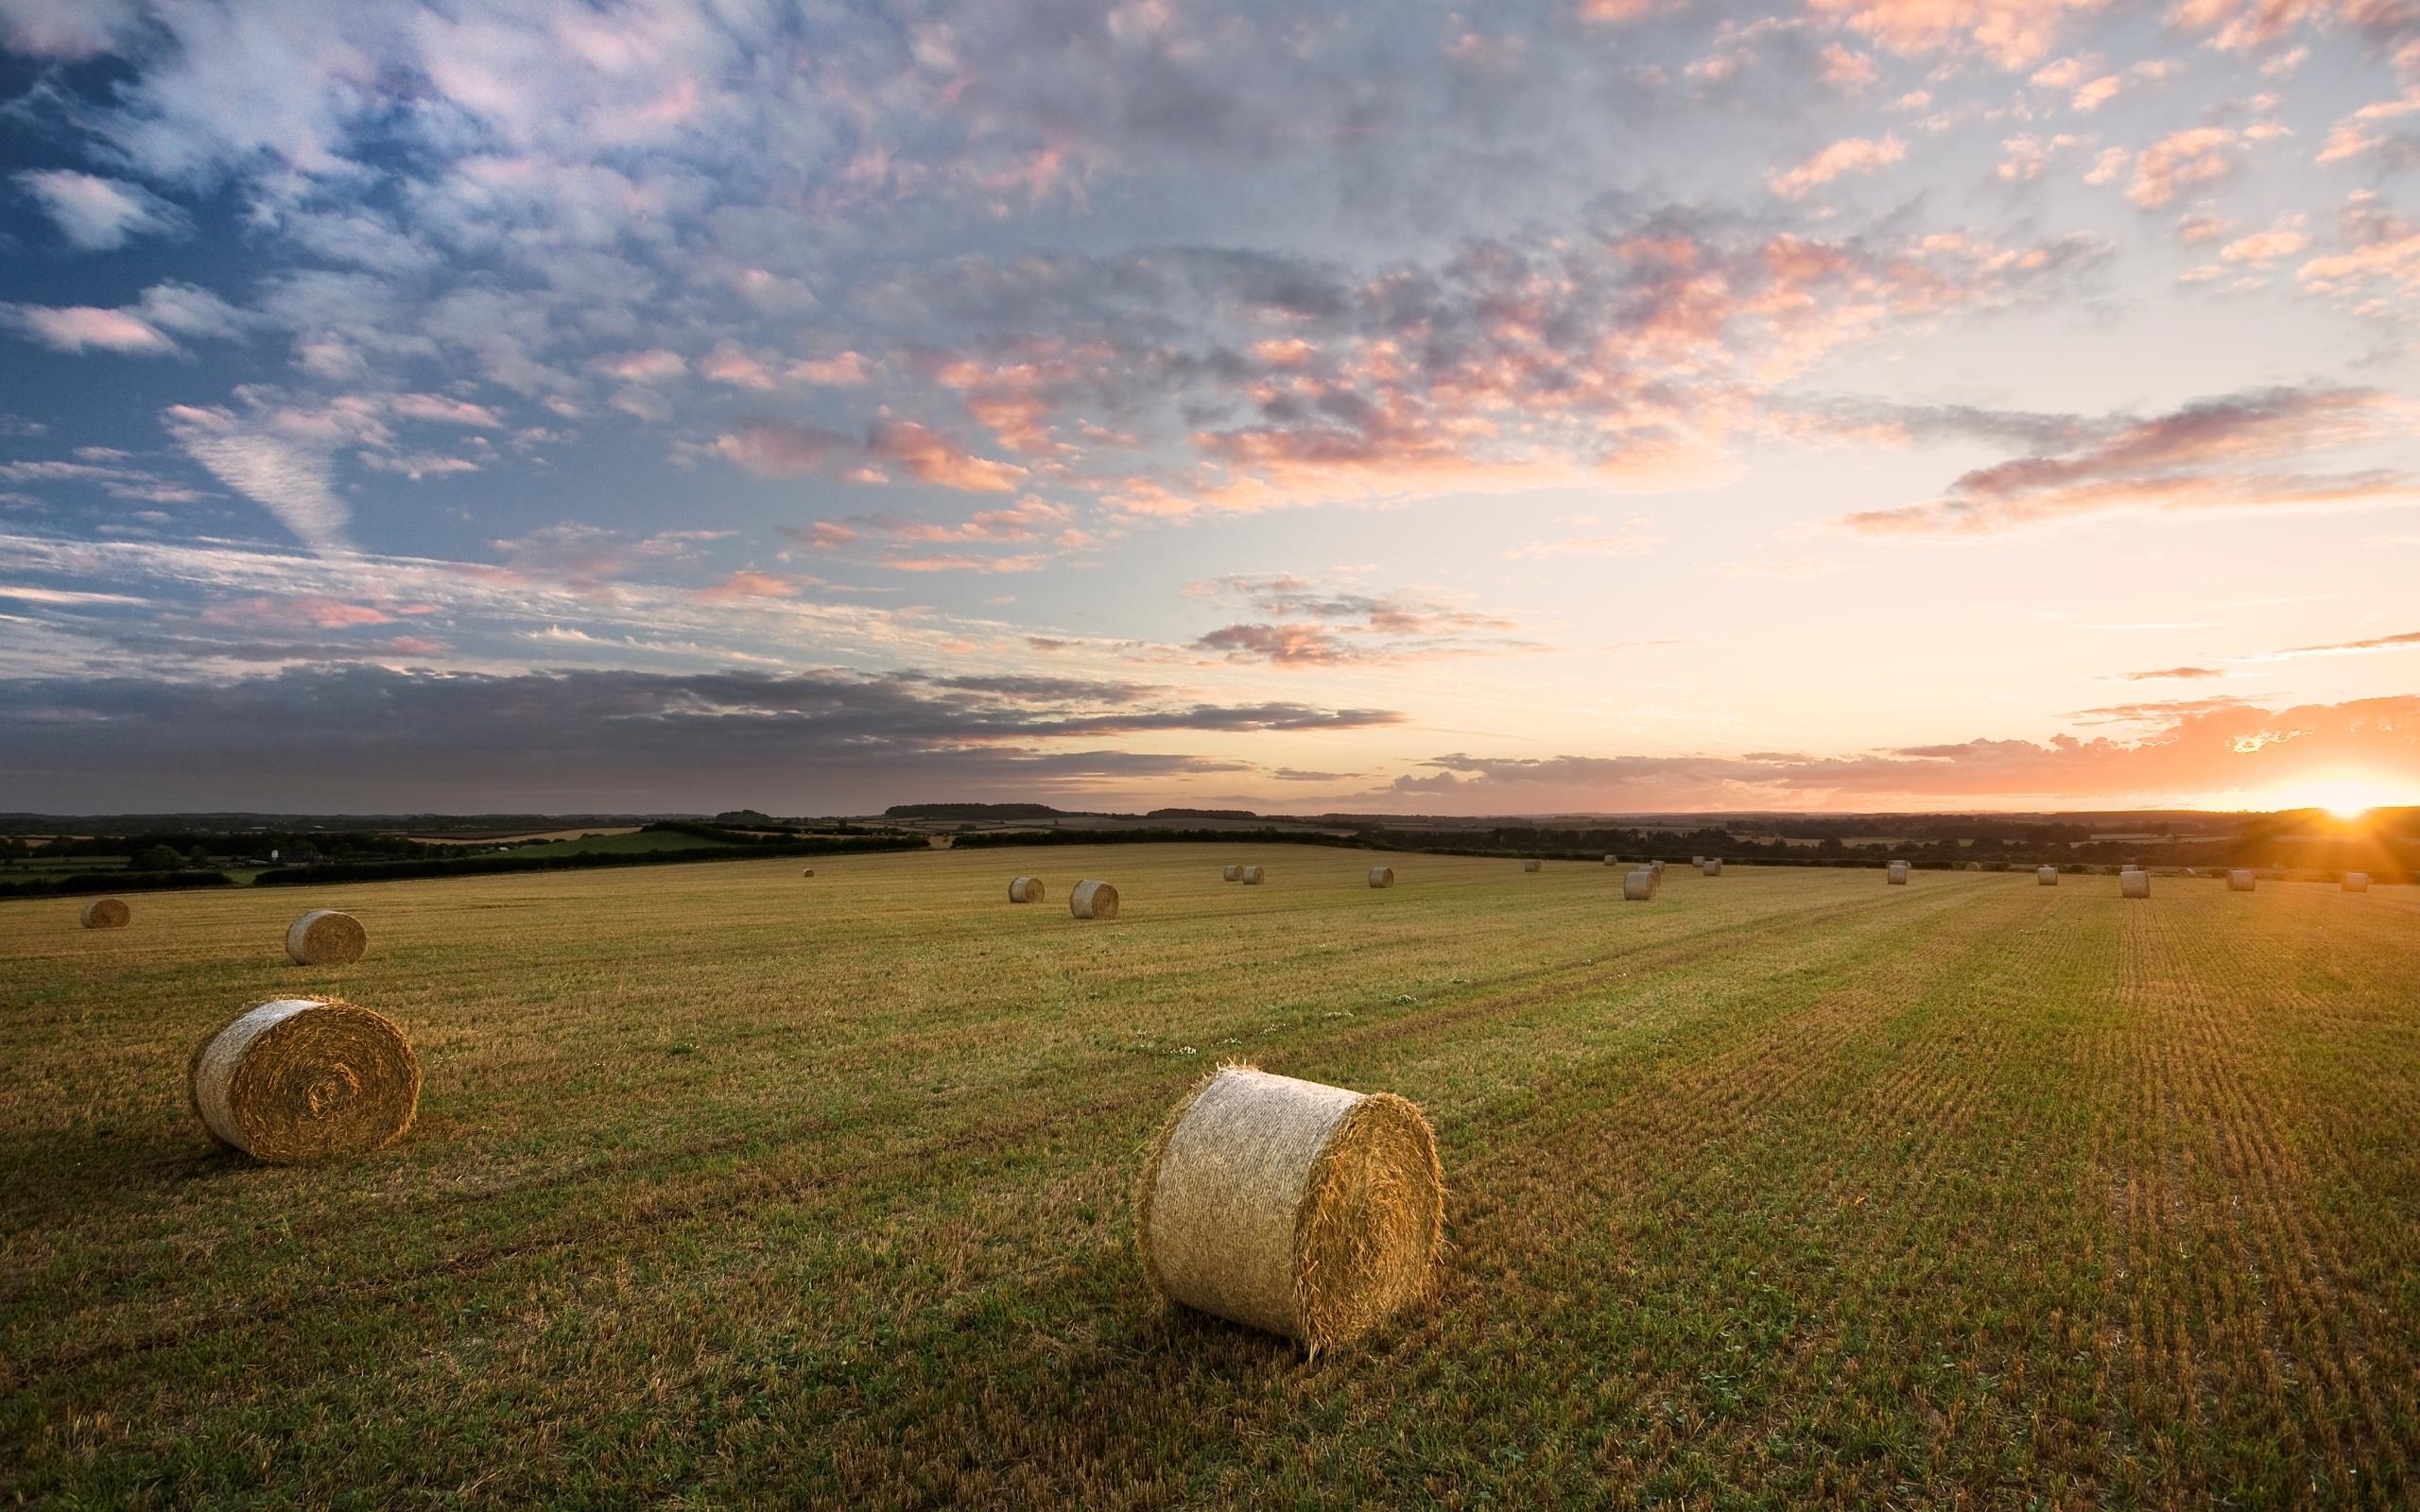 солома поле небо облака straw field the sky clouds  № 1783650 бесплатно